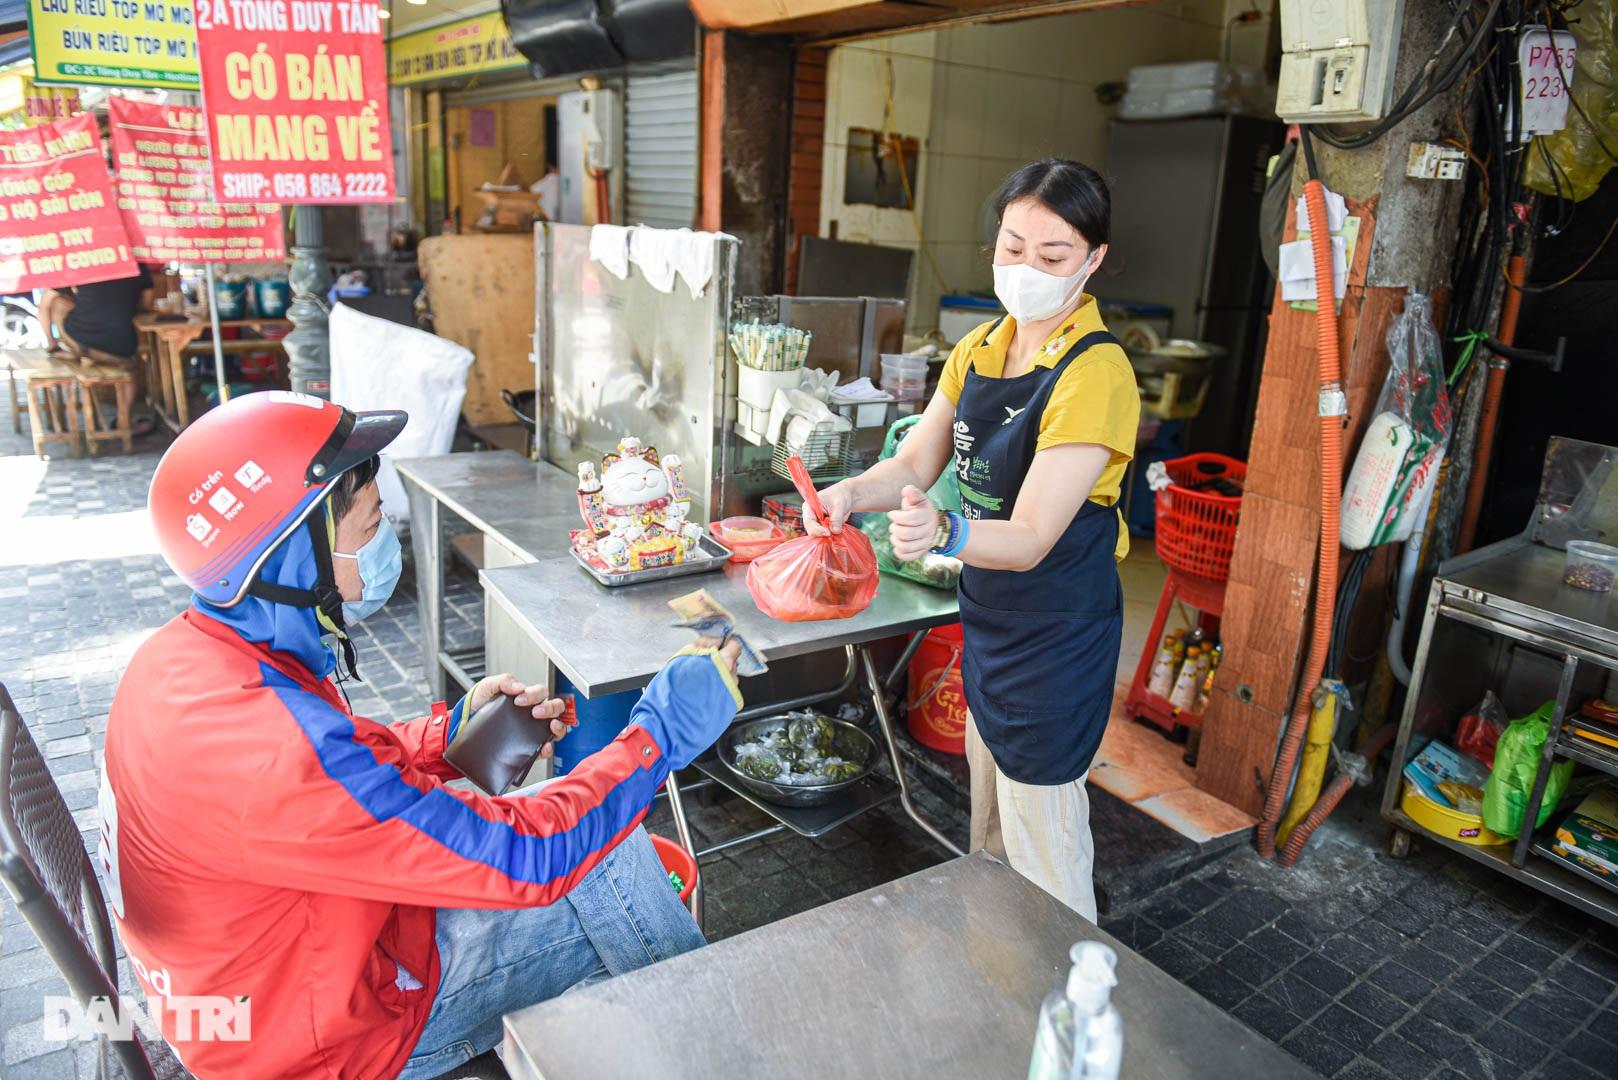 Cảnh cửa đóng then cài, đìu hiu ở phố ẩm thực không ngủ Hà Nội - 5